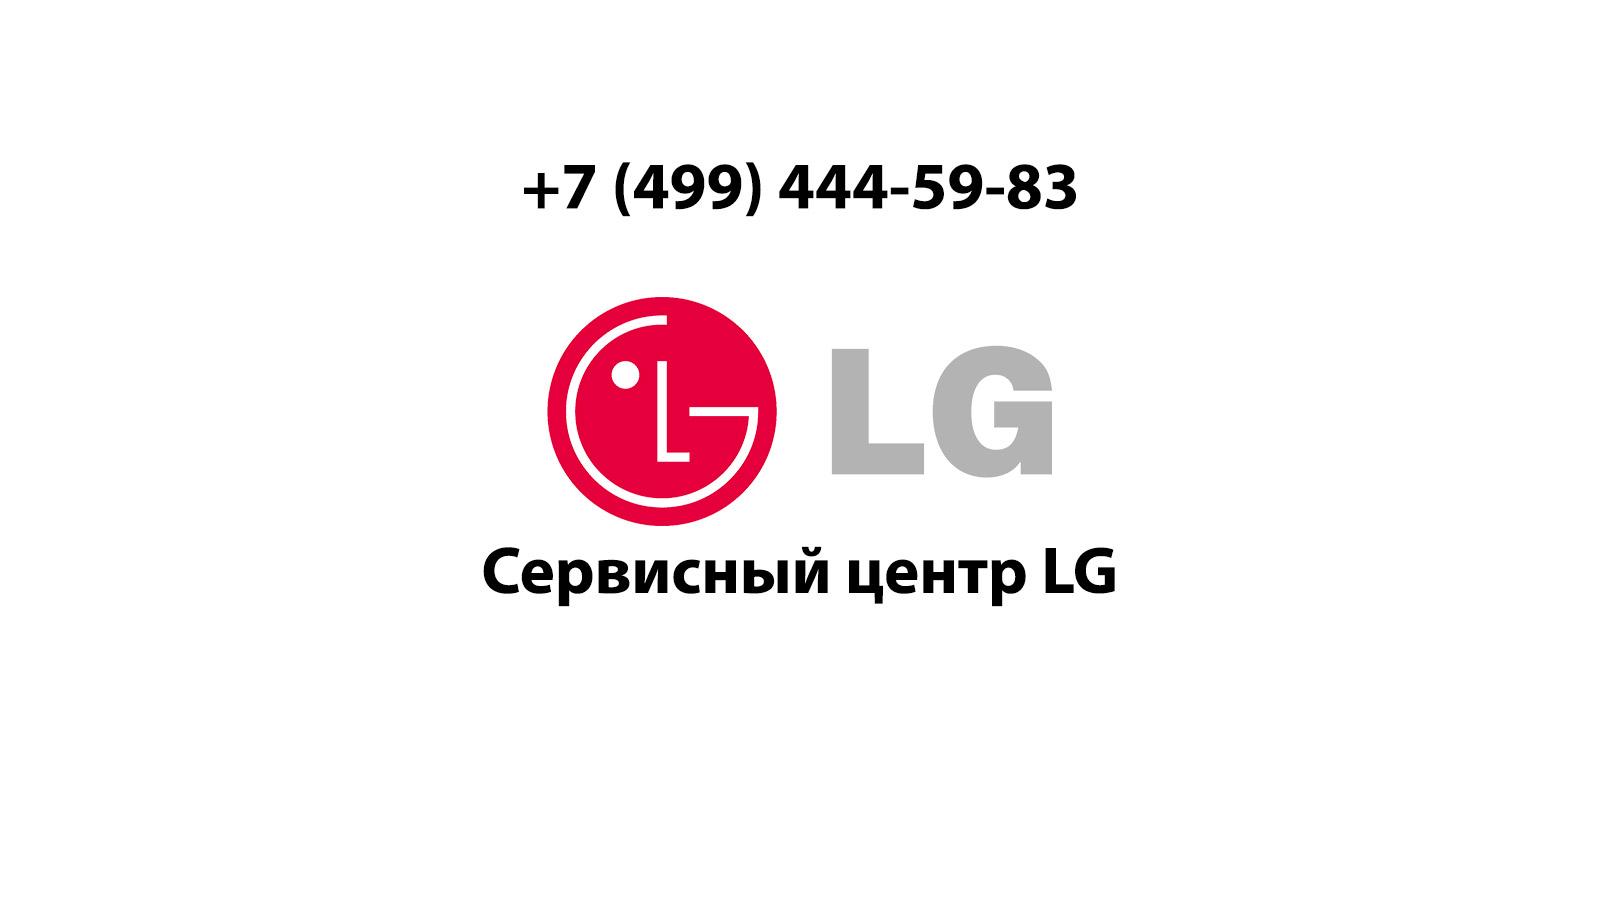 Сервисный центр lg ремонт кондиционеров краснодар купить кондиционер в леруа мерлен